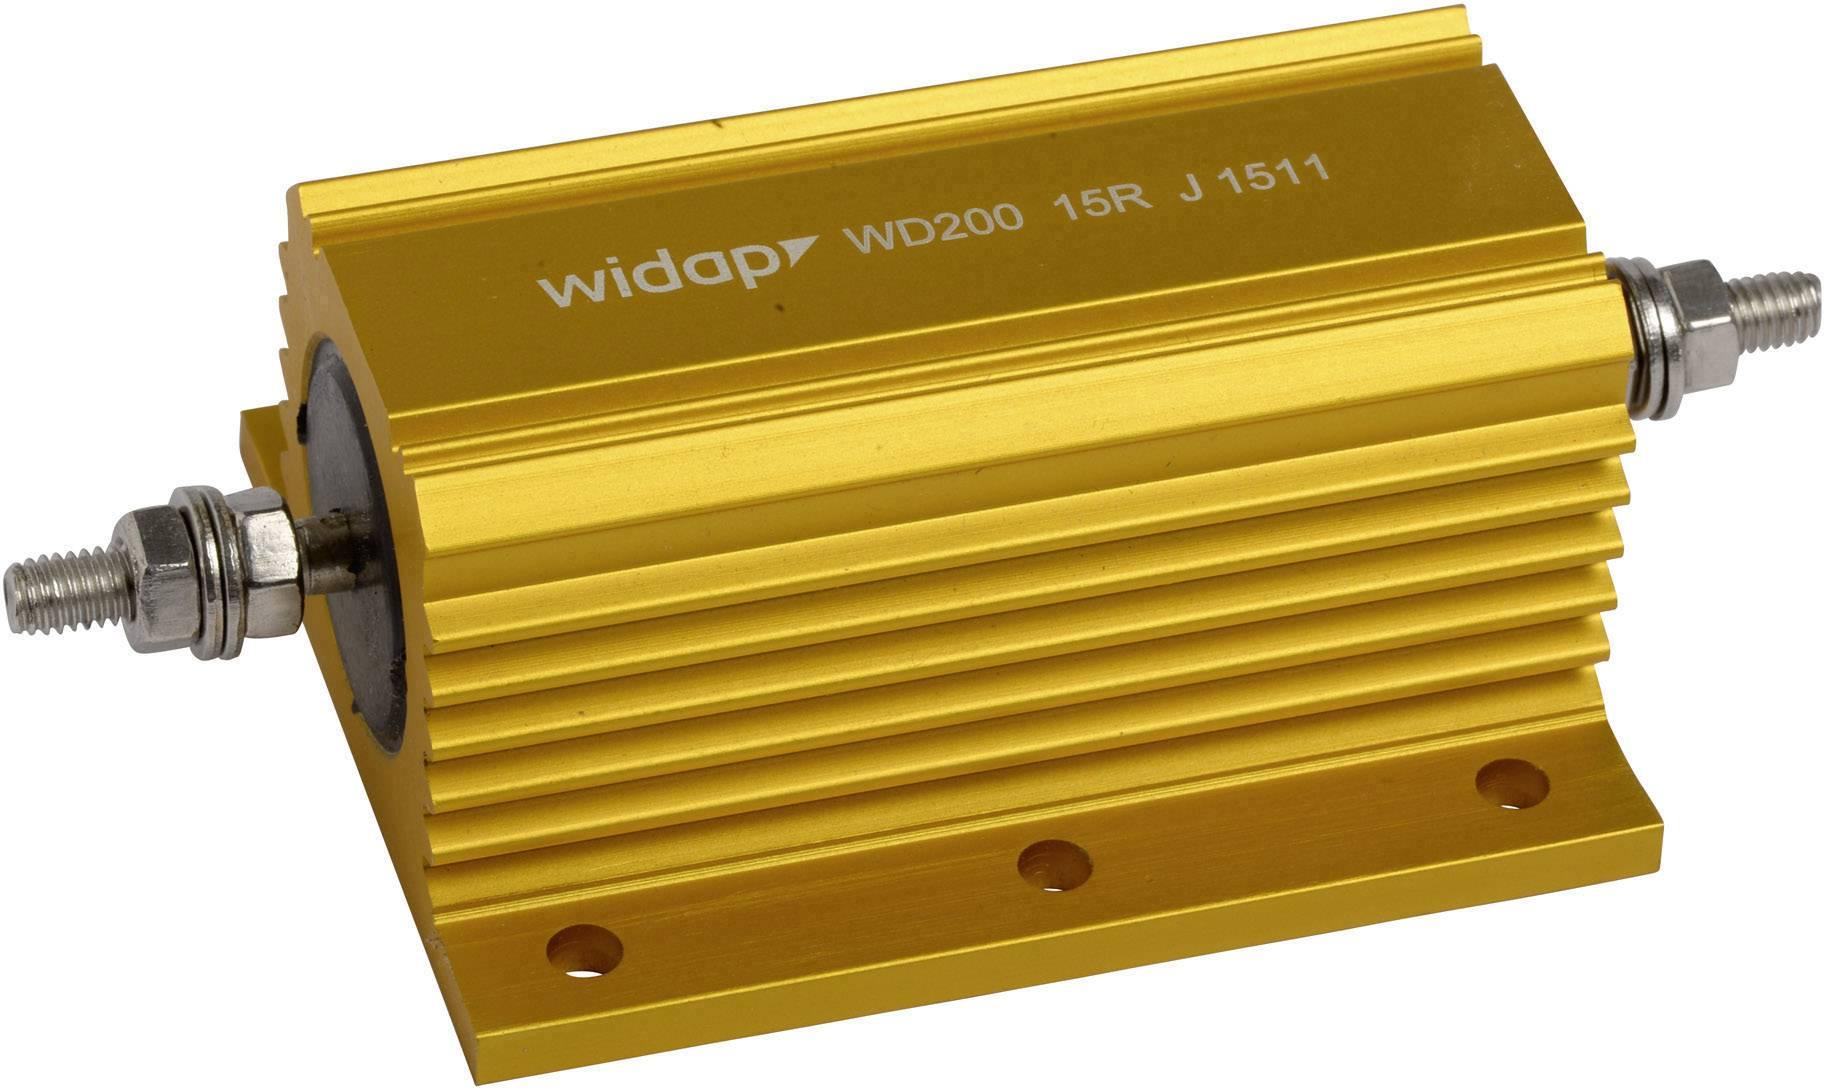 Drátový rezistor Widap 160170, hodnota odporu 3.3 Ohm, v pouzdře, 300 W, 1 ks